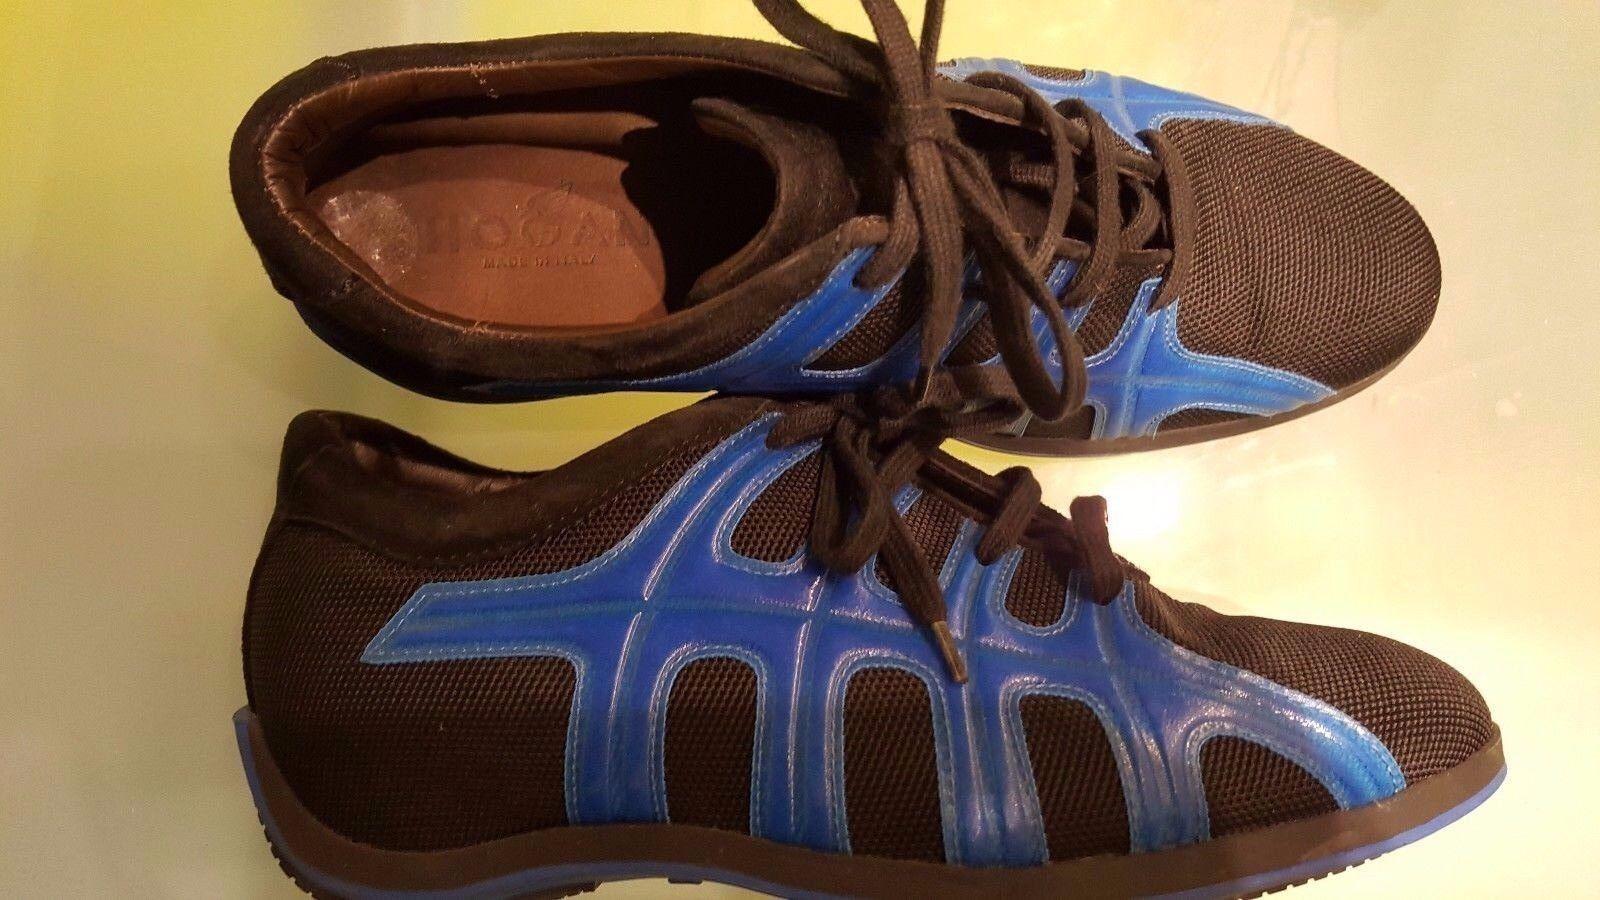 HOGAN by Tod's - Sneaker   Schuhe ,Gr.  Sneaker 37 schwarz - blau  neuw. 1b4504